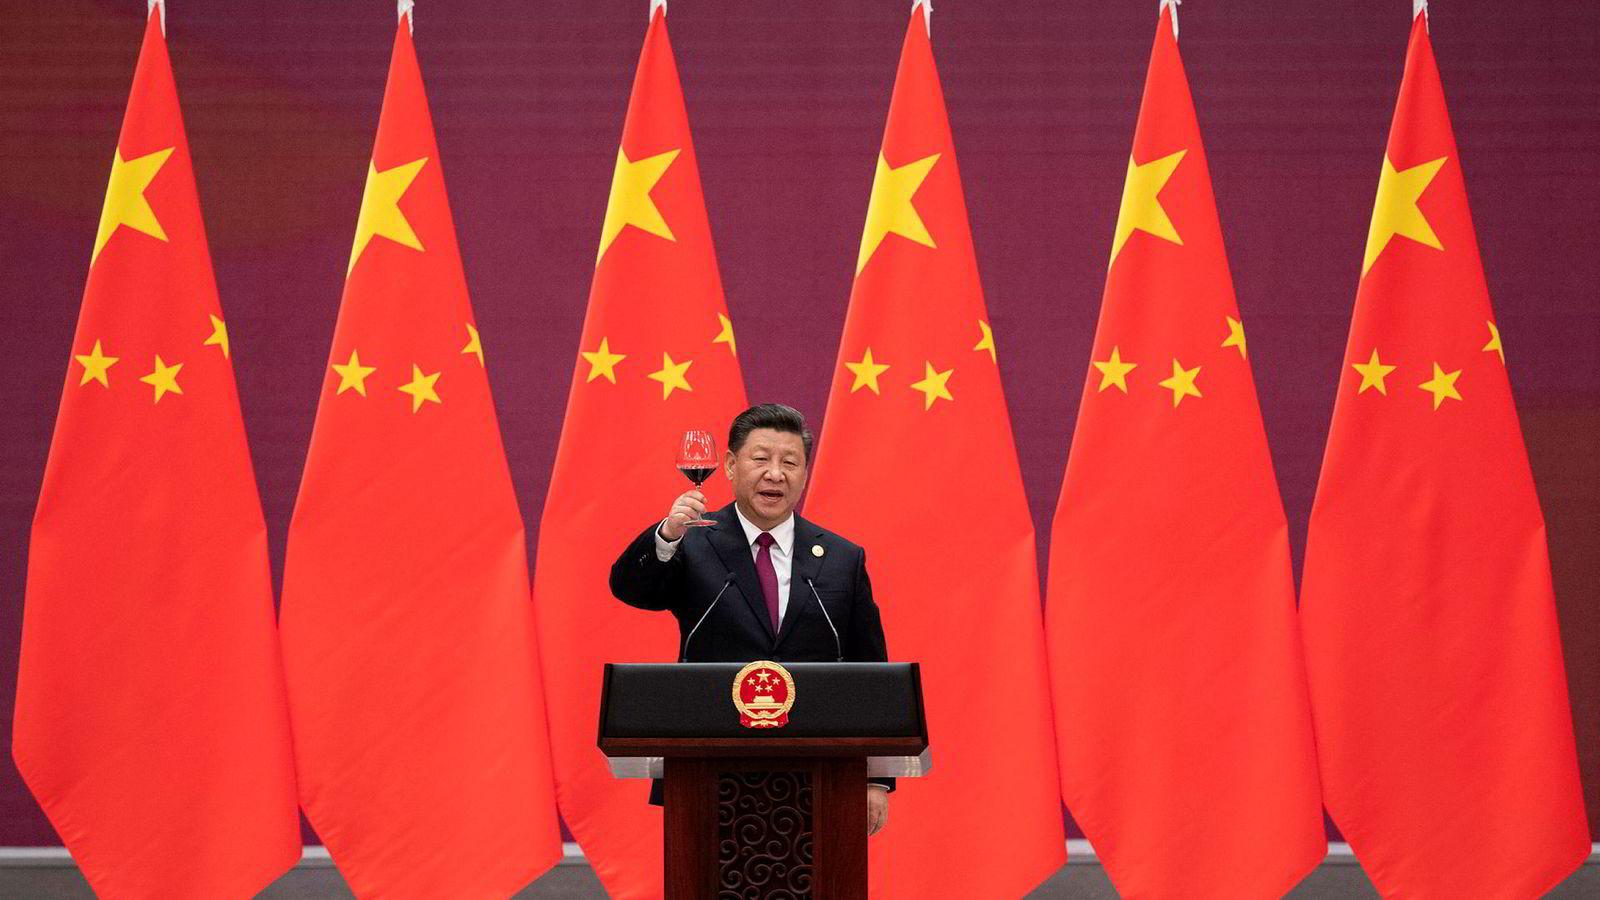 Kinas president Xi Jinping skåler til statslederne som deltok på en konferanse om Kinas nye silkevei i Beijing i forrige uke.